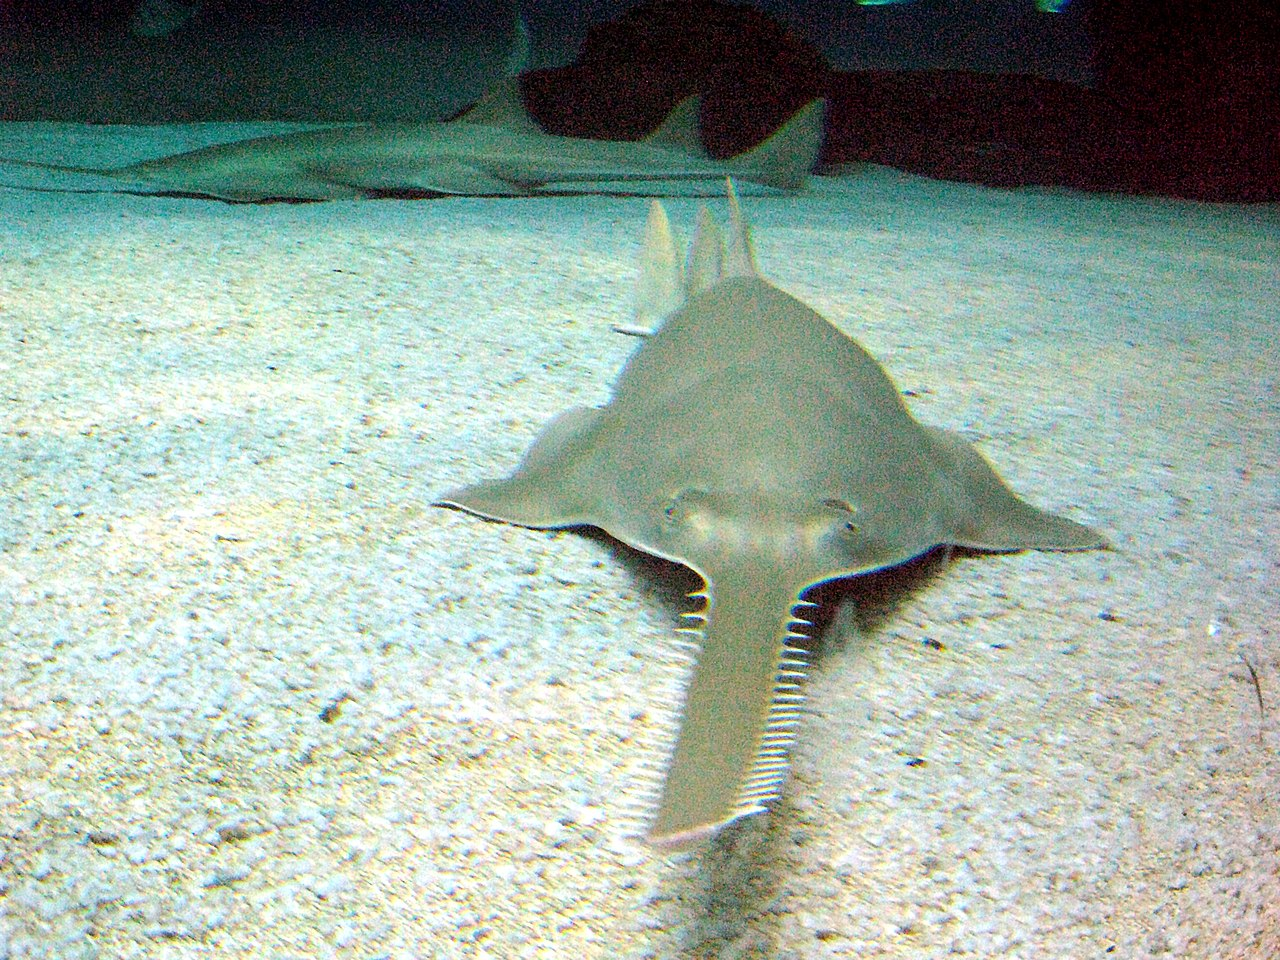 Raja clavata aquarium mareis